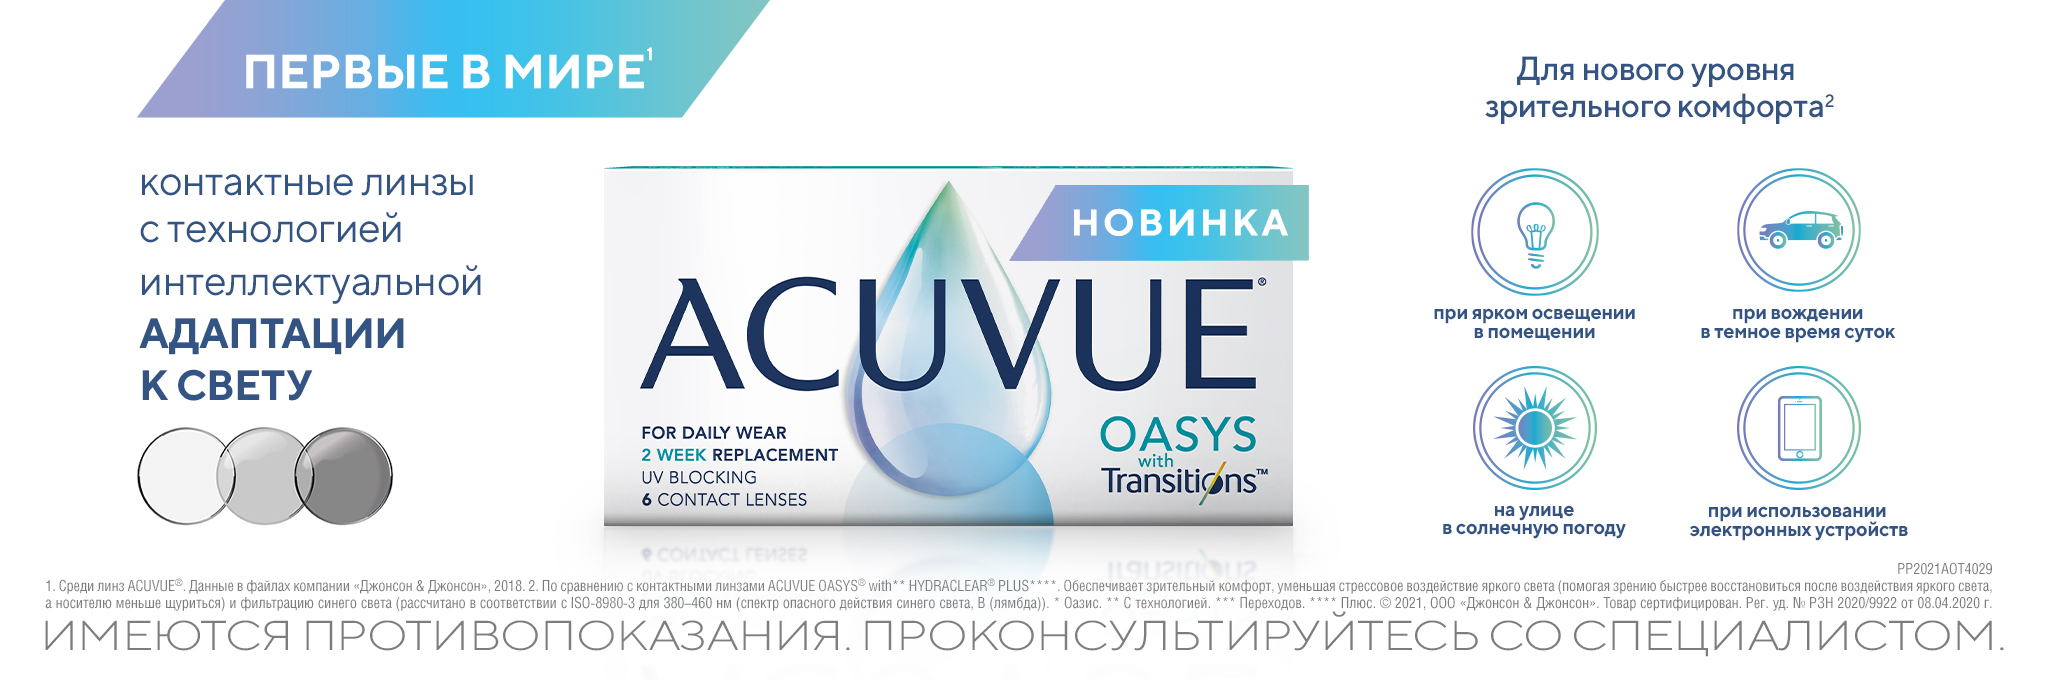 Контактные линзы  ACUVUE® OASYS with Transitions с технологией интеллектуальной адаптации к свету по минимальной цене